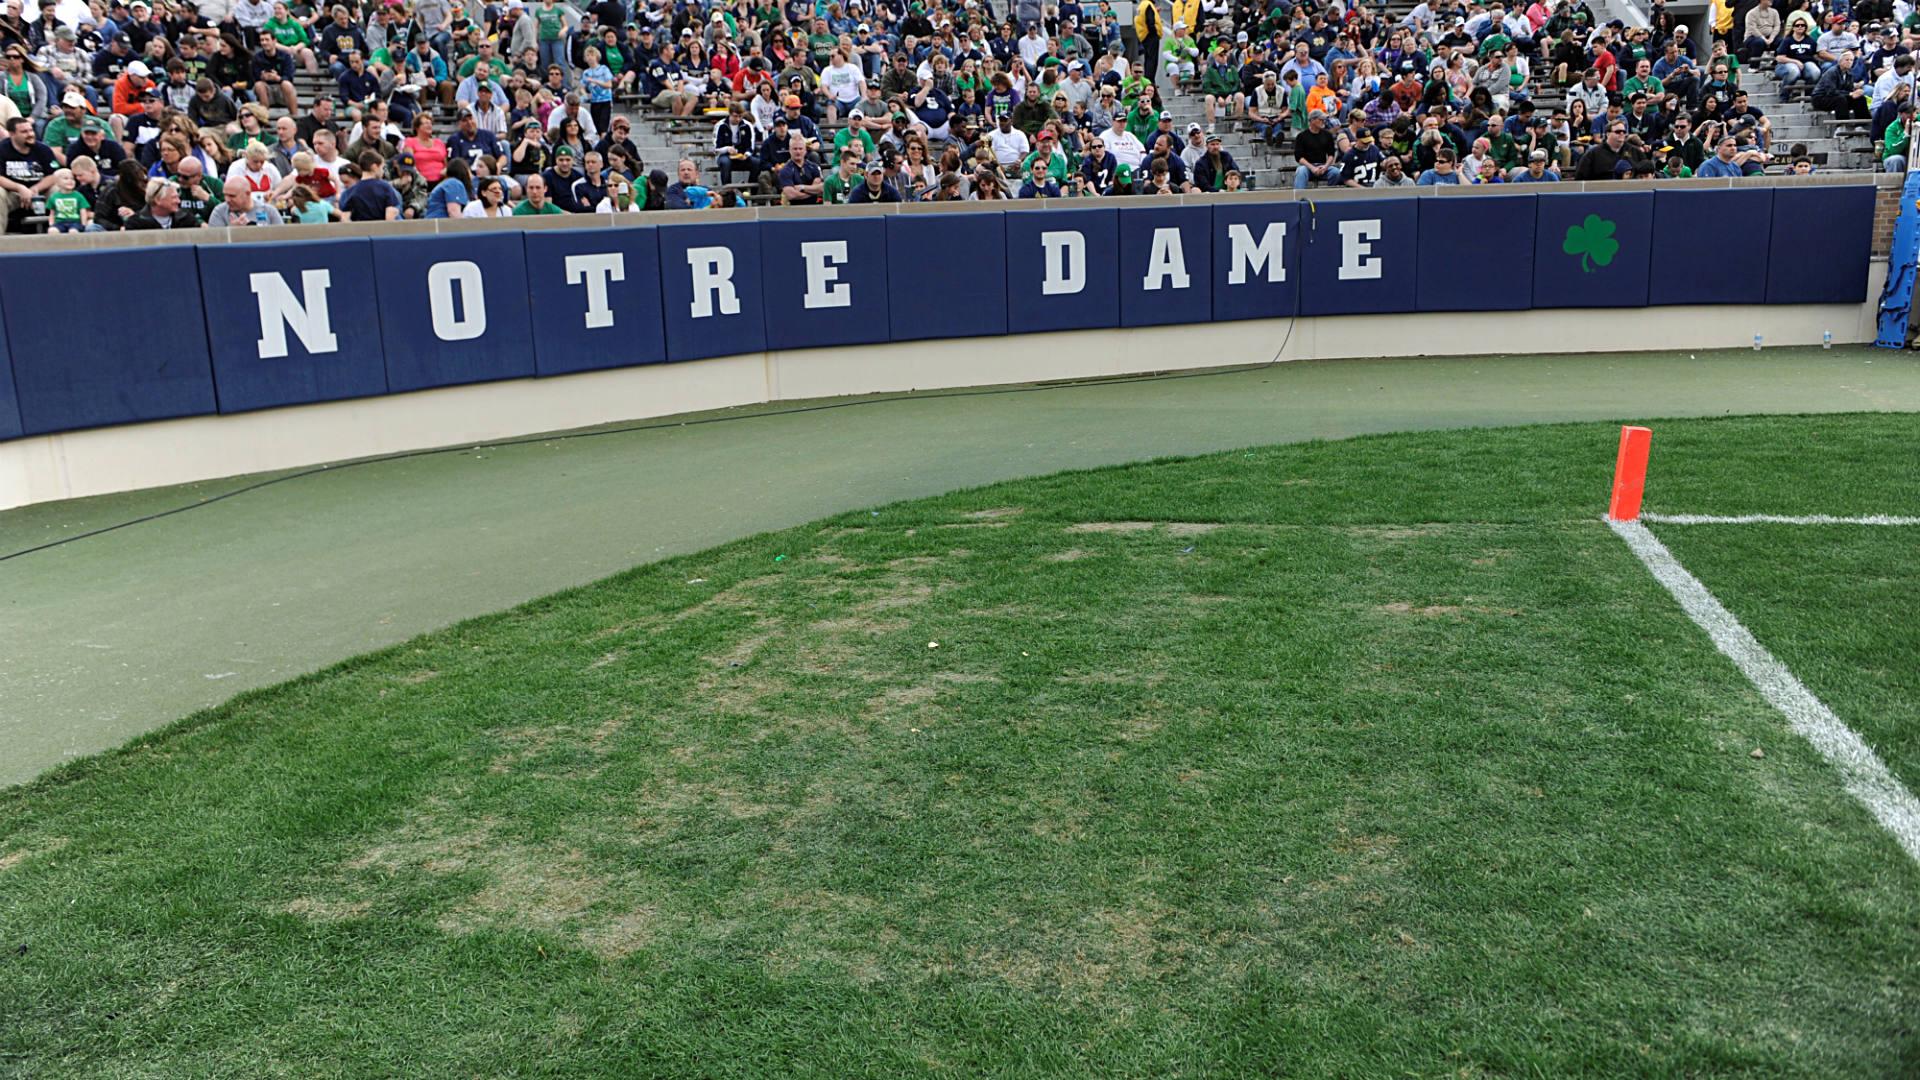 Notre-Dame-grass-FTR-051914-AP